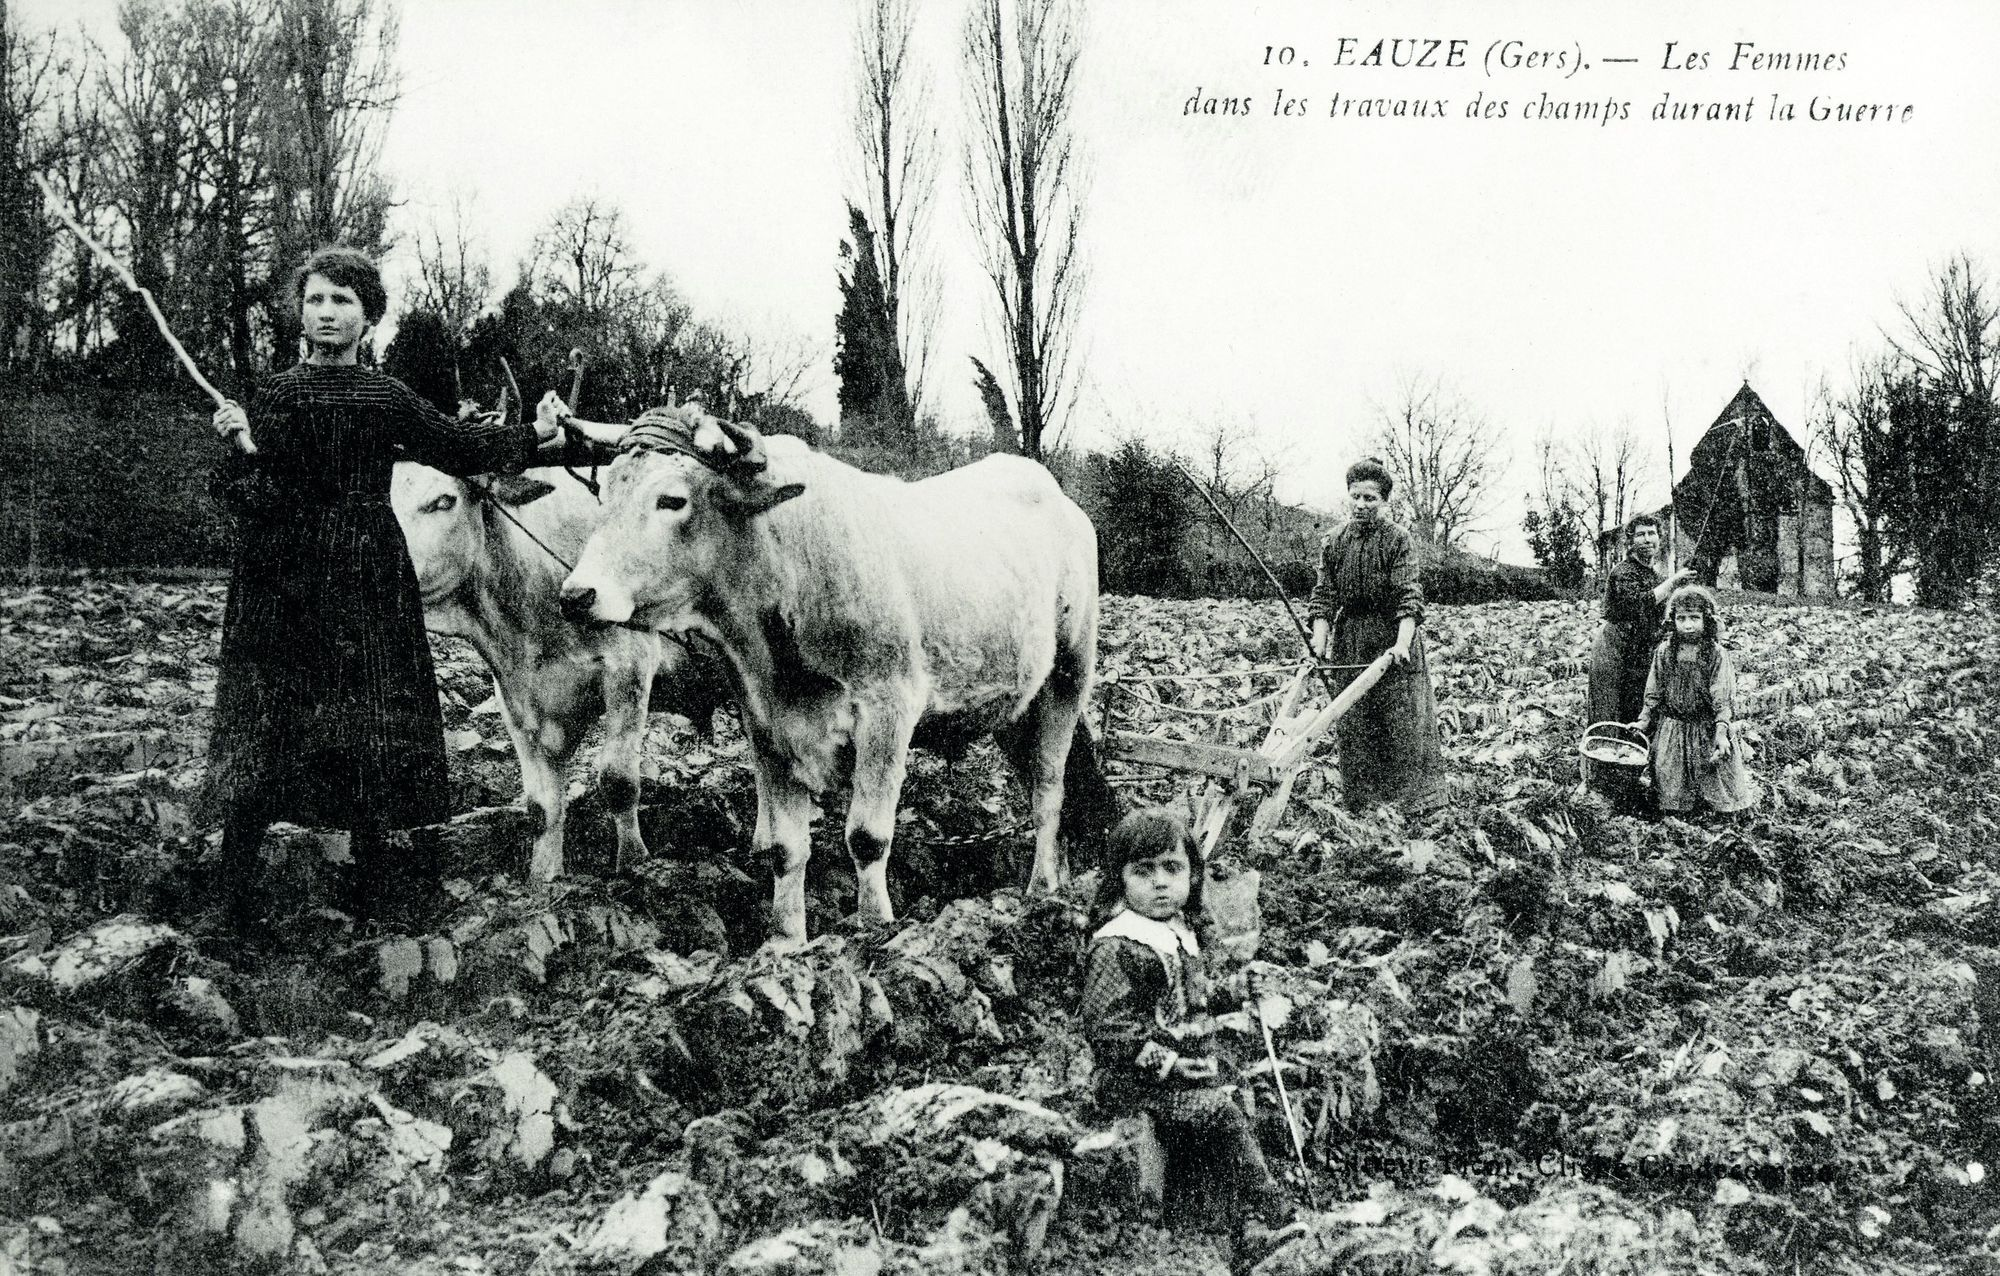 Paysannes dans les champs à Éauze (Gers)